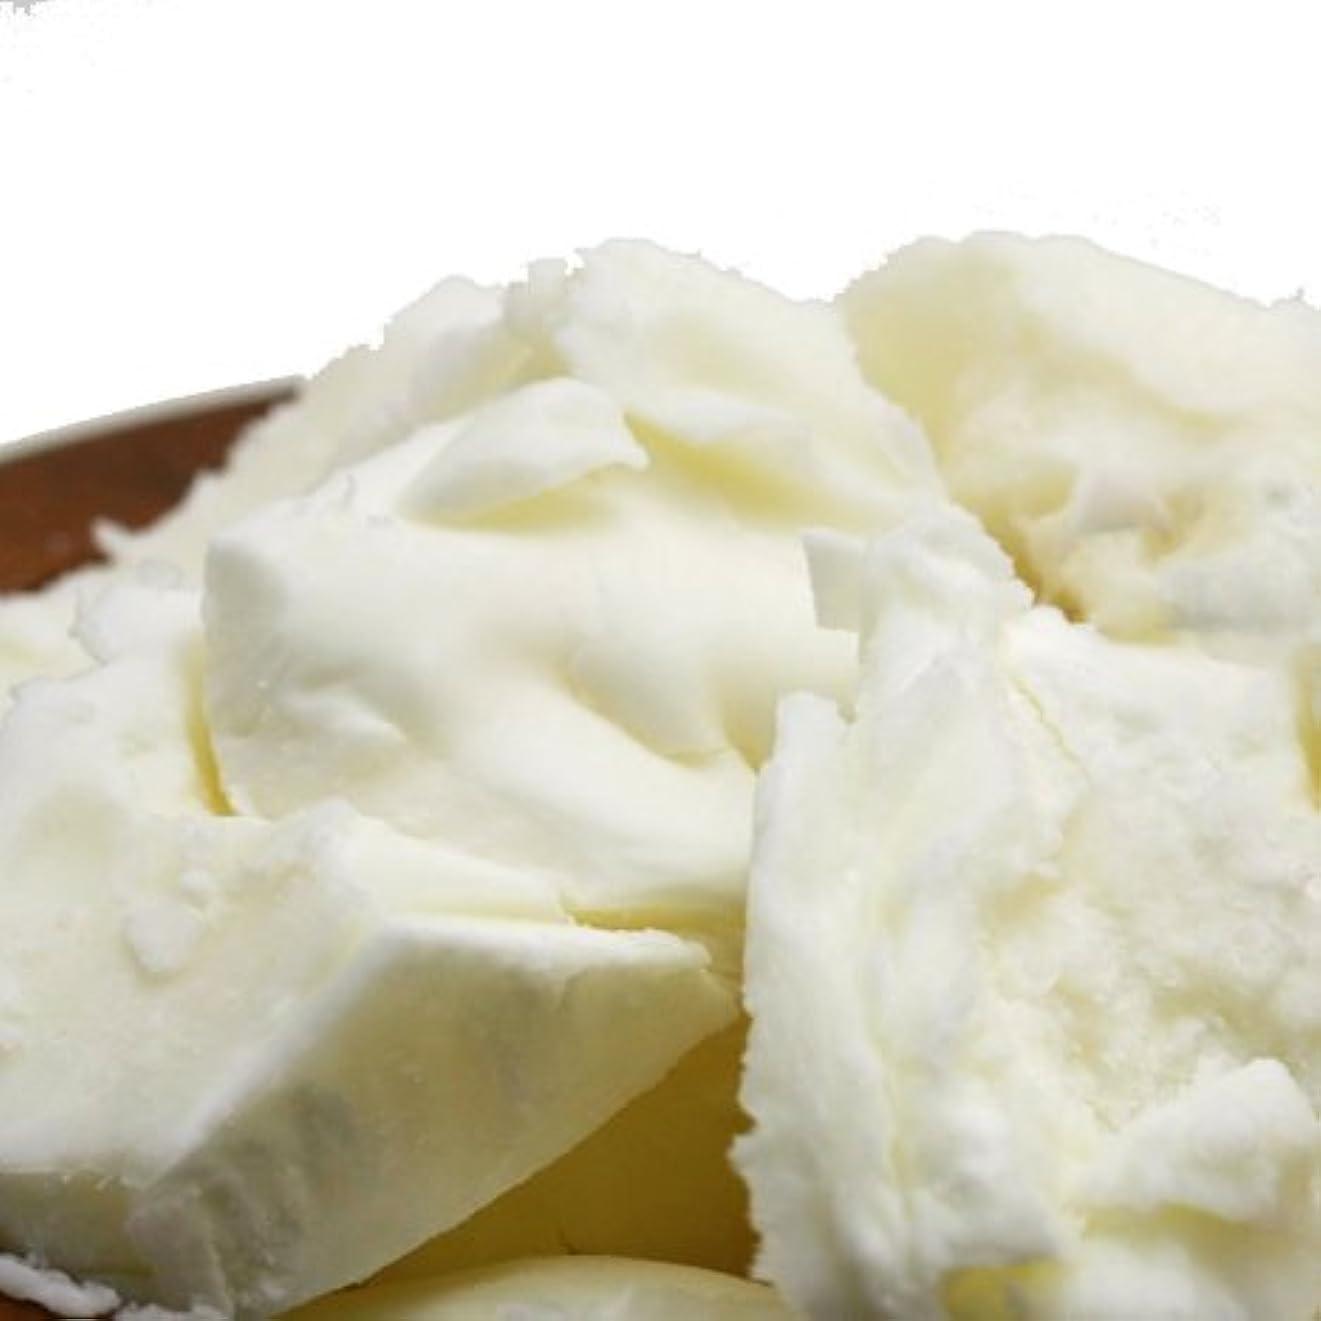 フォルダ周術期控えめな精製シアバター 500g シア脂 【手作り石鹸/手作りコスメ/手作り化粧品】